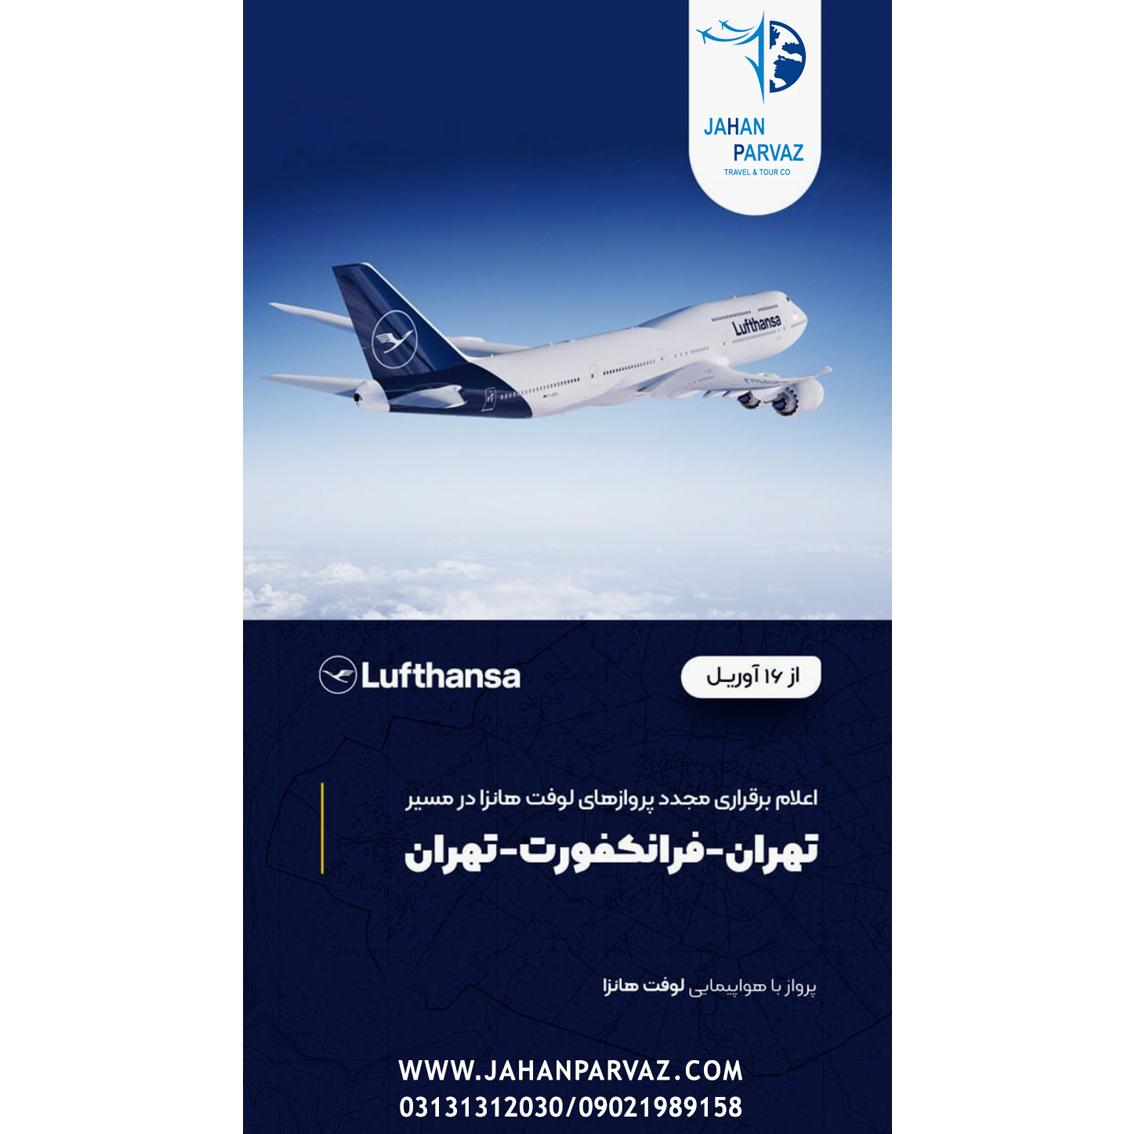 برقراری مجدد پروازهای لوفت هانزا در مسیر ✈️ تهران_فرانکفورت_تهران ✈️ از 16 اپریل 2021